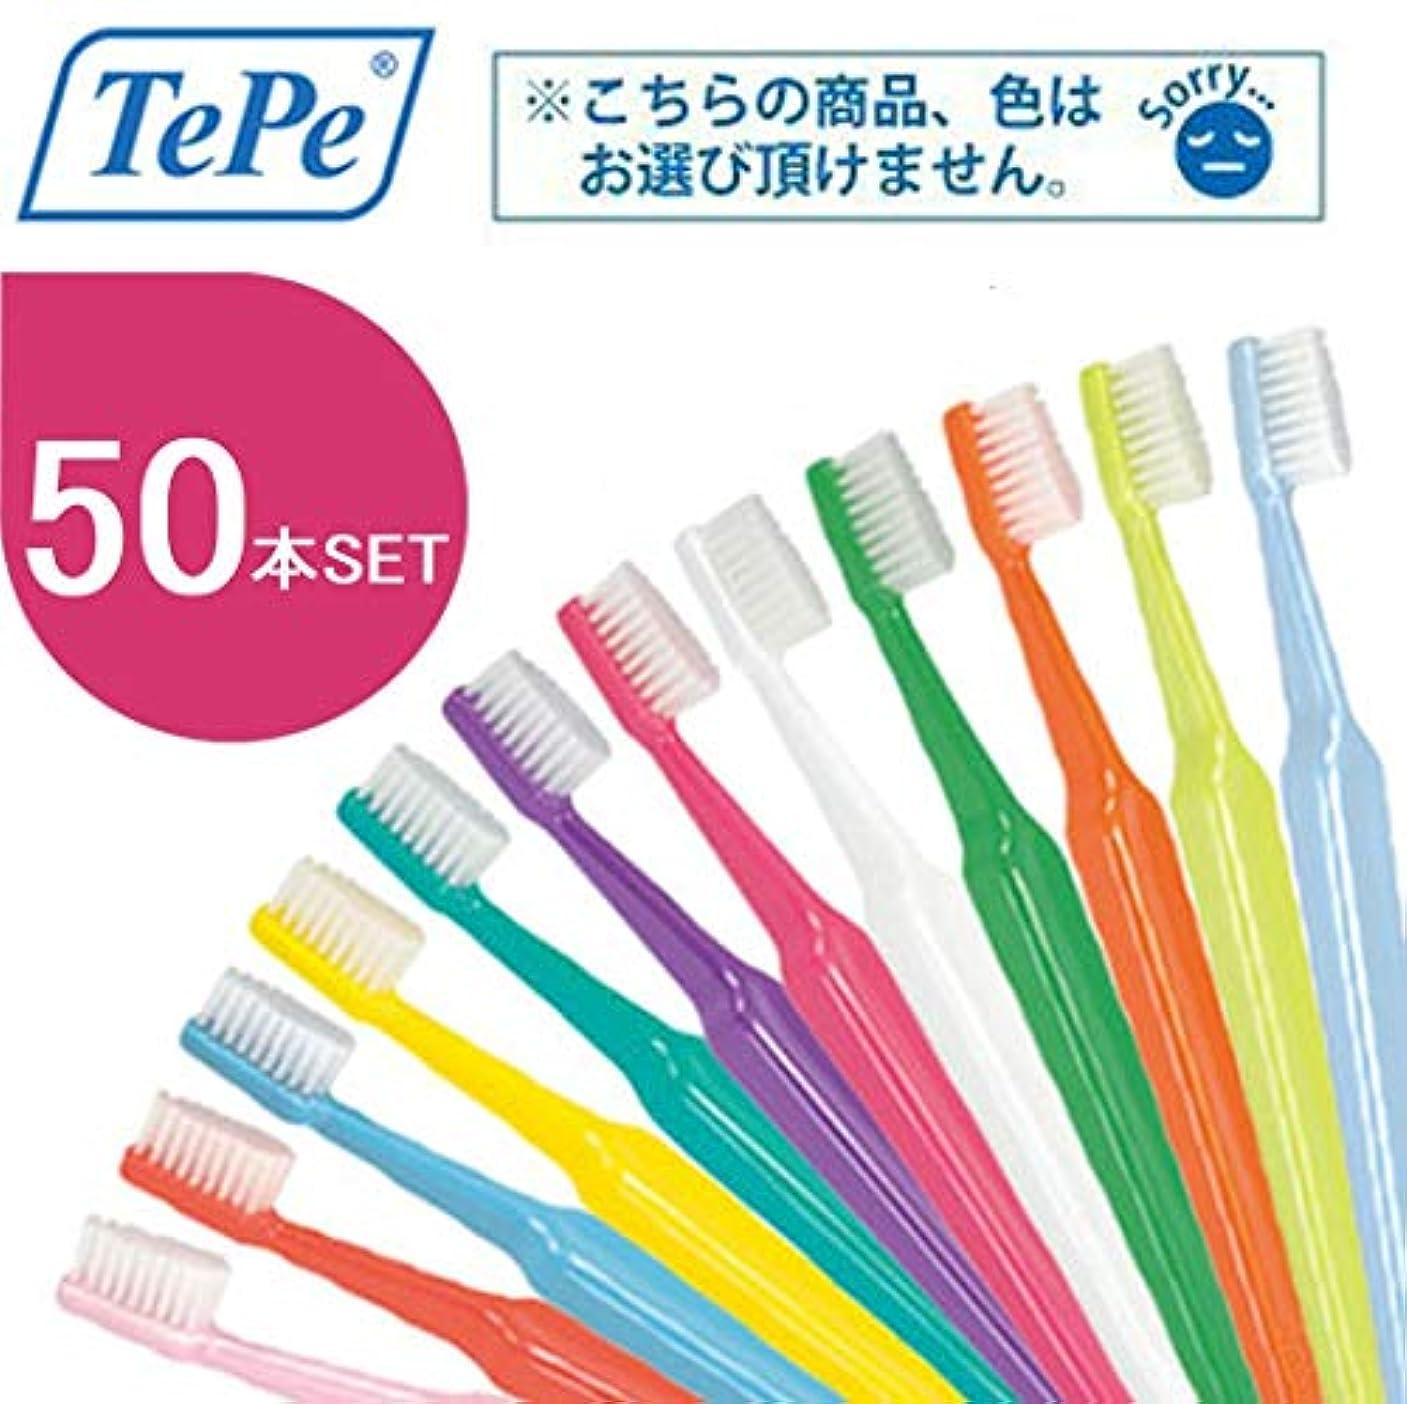 分析するリングバッククロスフィールド TePe テペ セレクト 歯ブラシ 50本 (ミディアム)